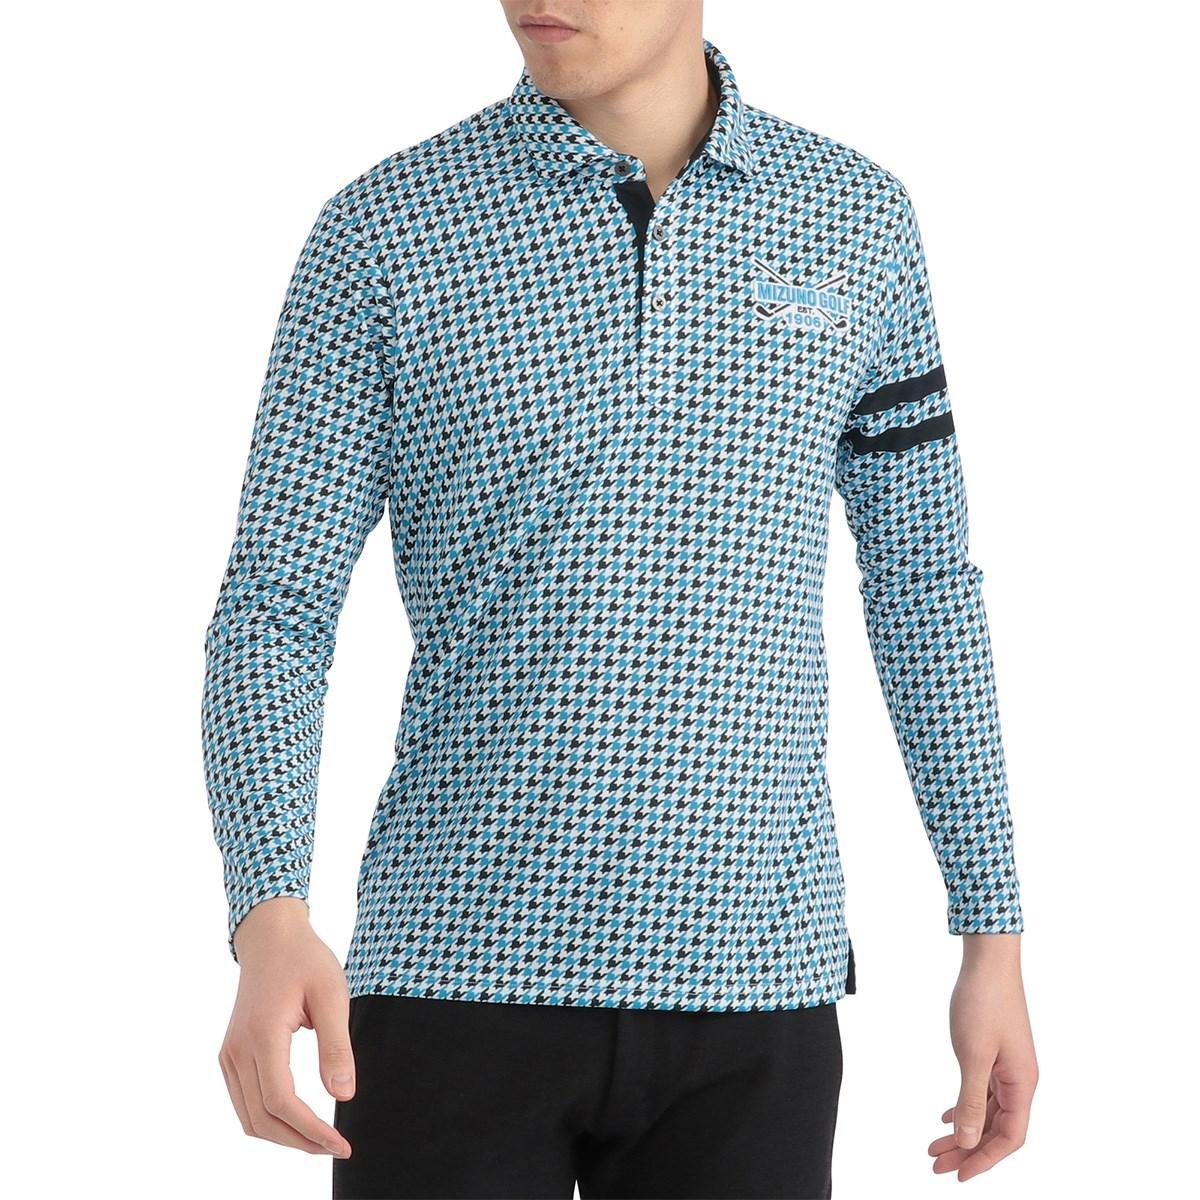 ミズノ(MIZUNO) プリント シャツカラー 長袖ポロシャツ